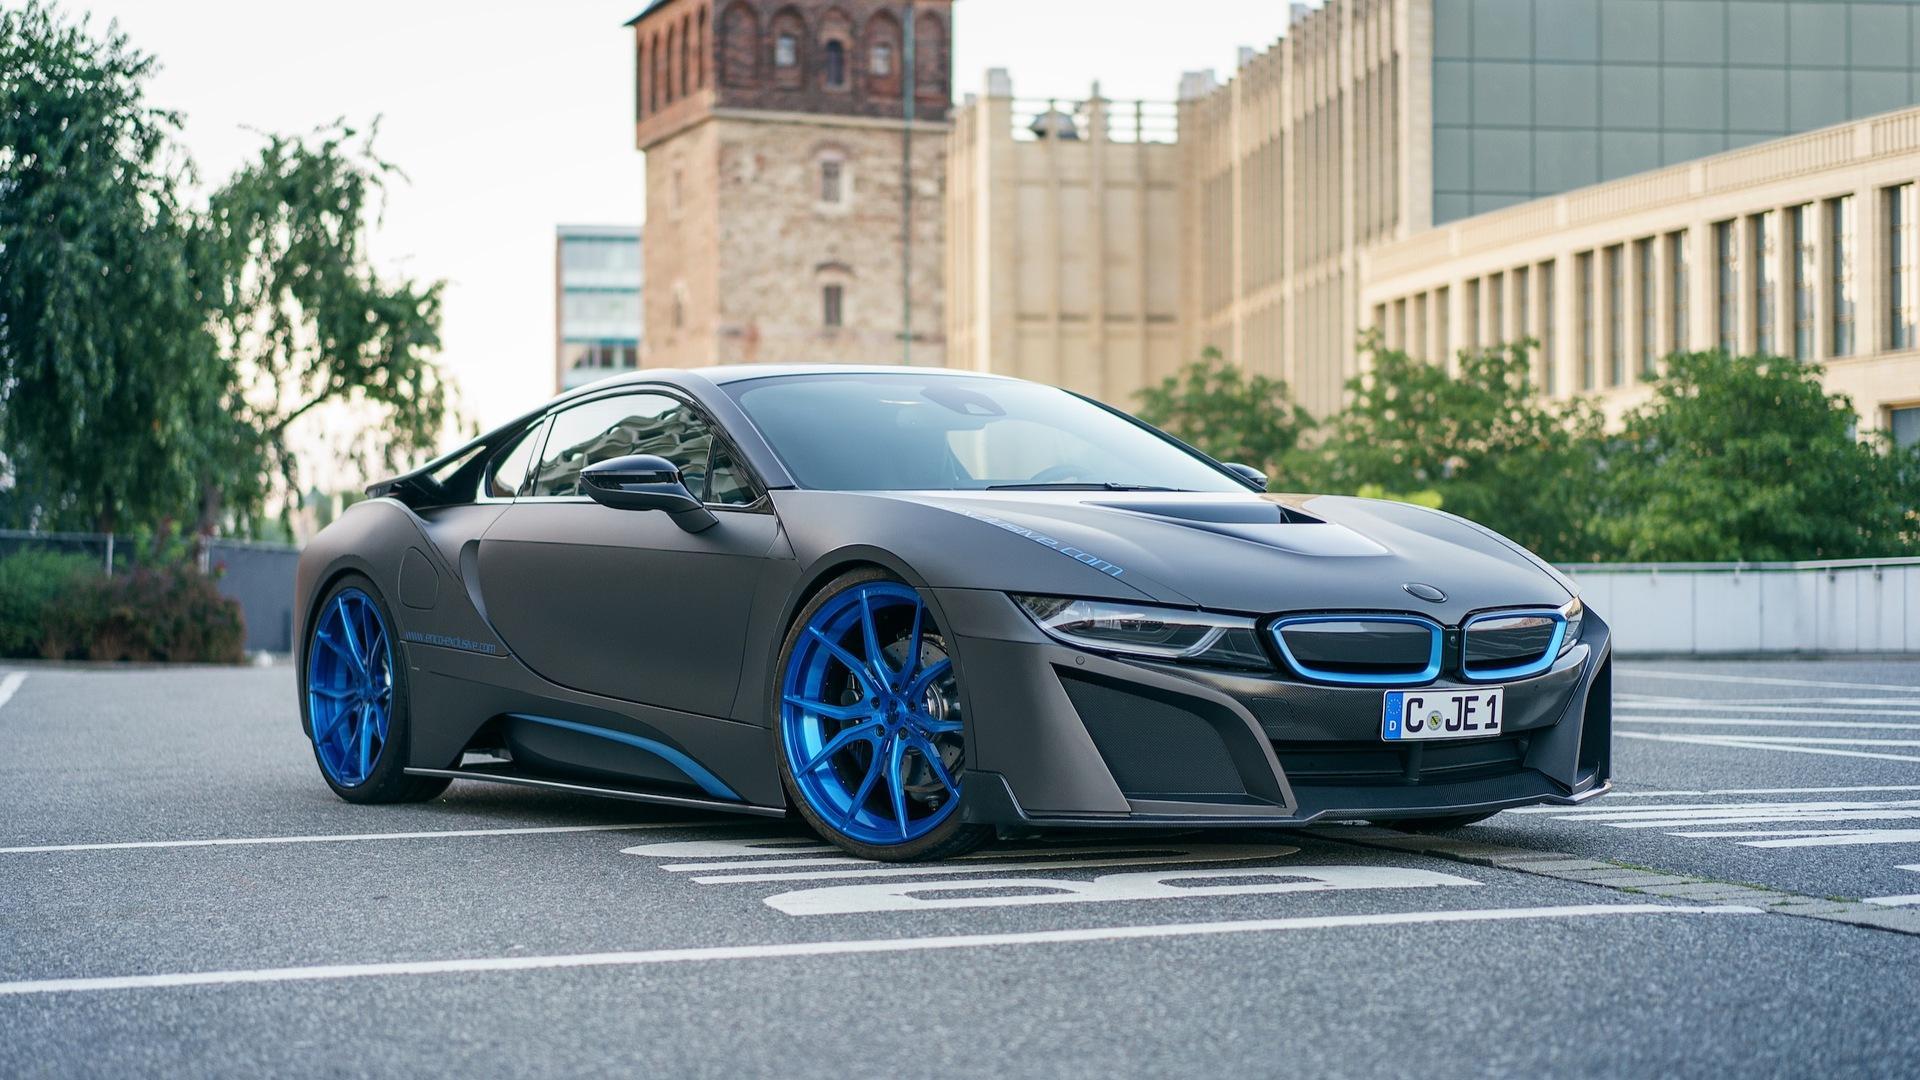 Германия названа лидером попродажам электромобилей вевропейских странах